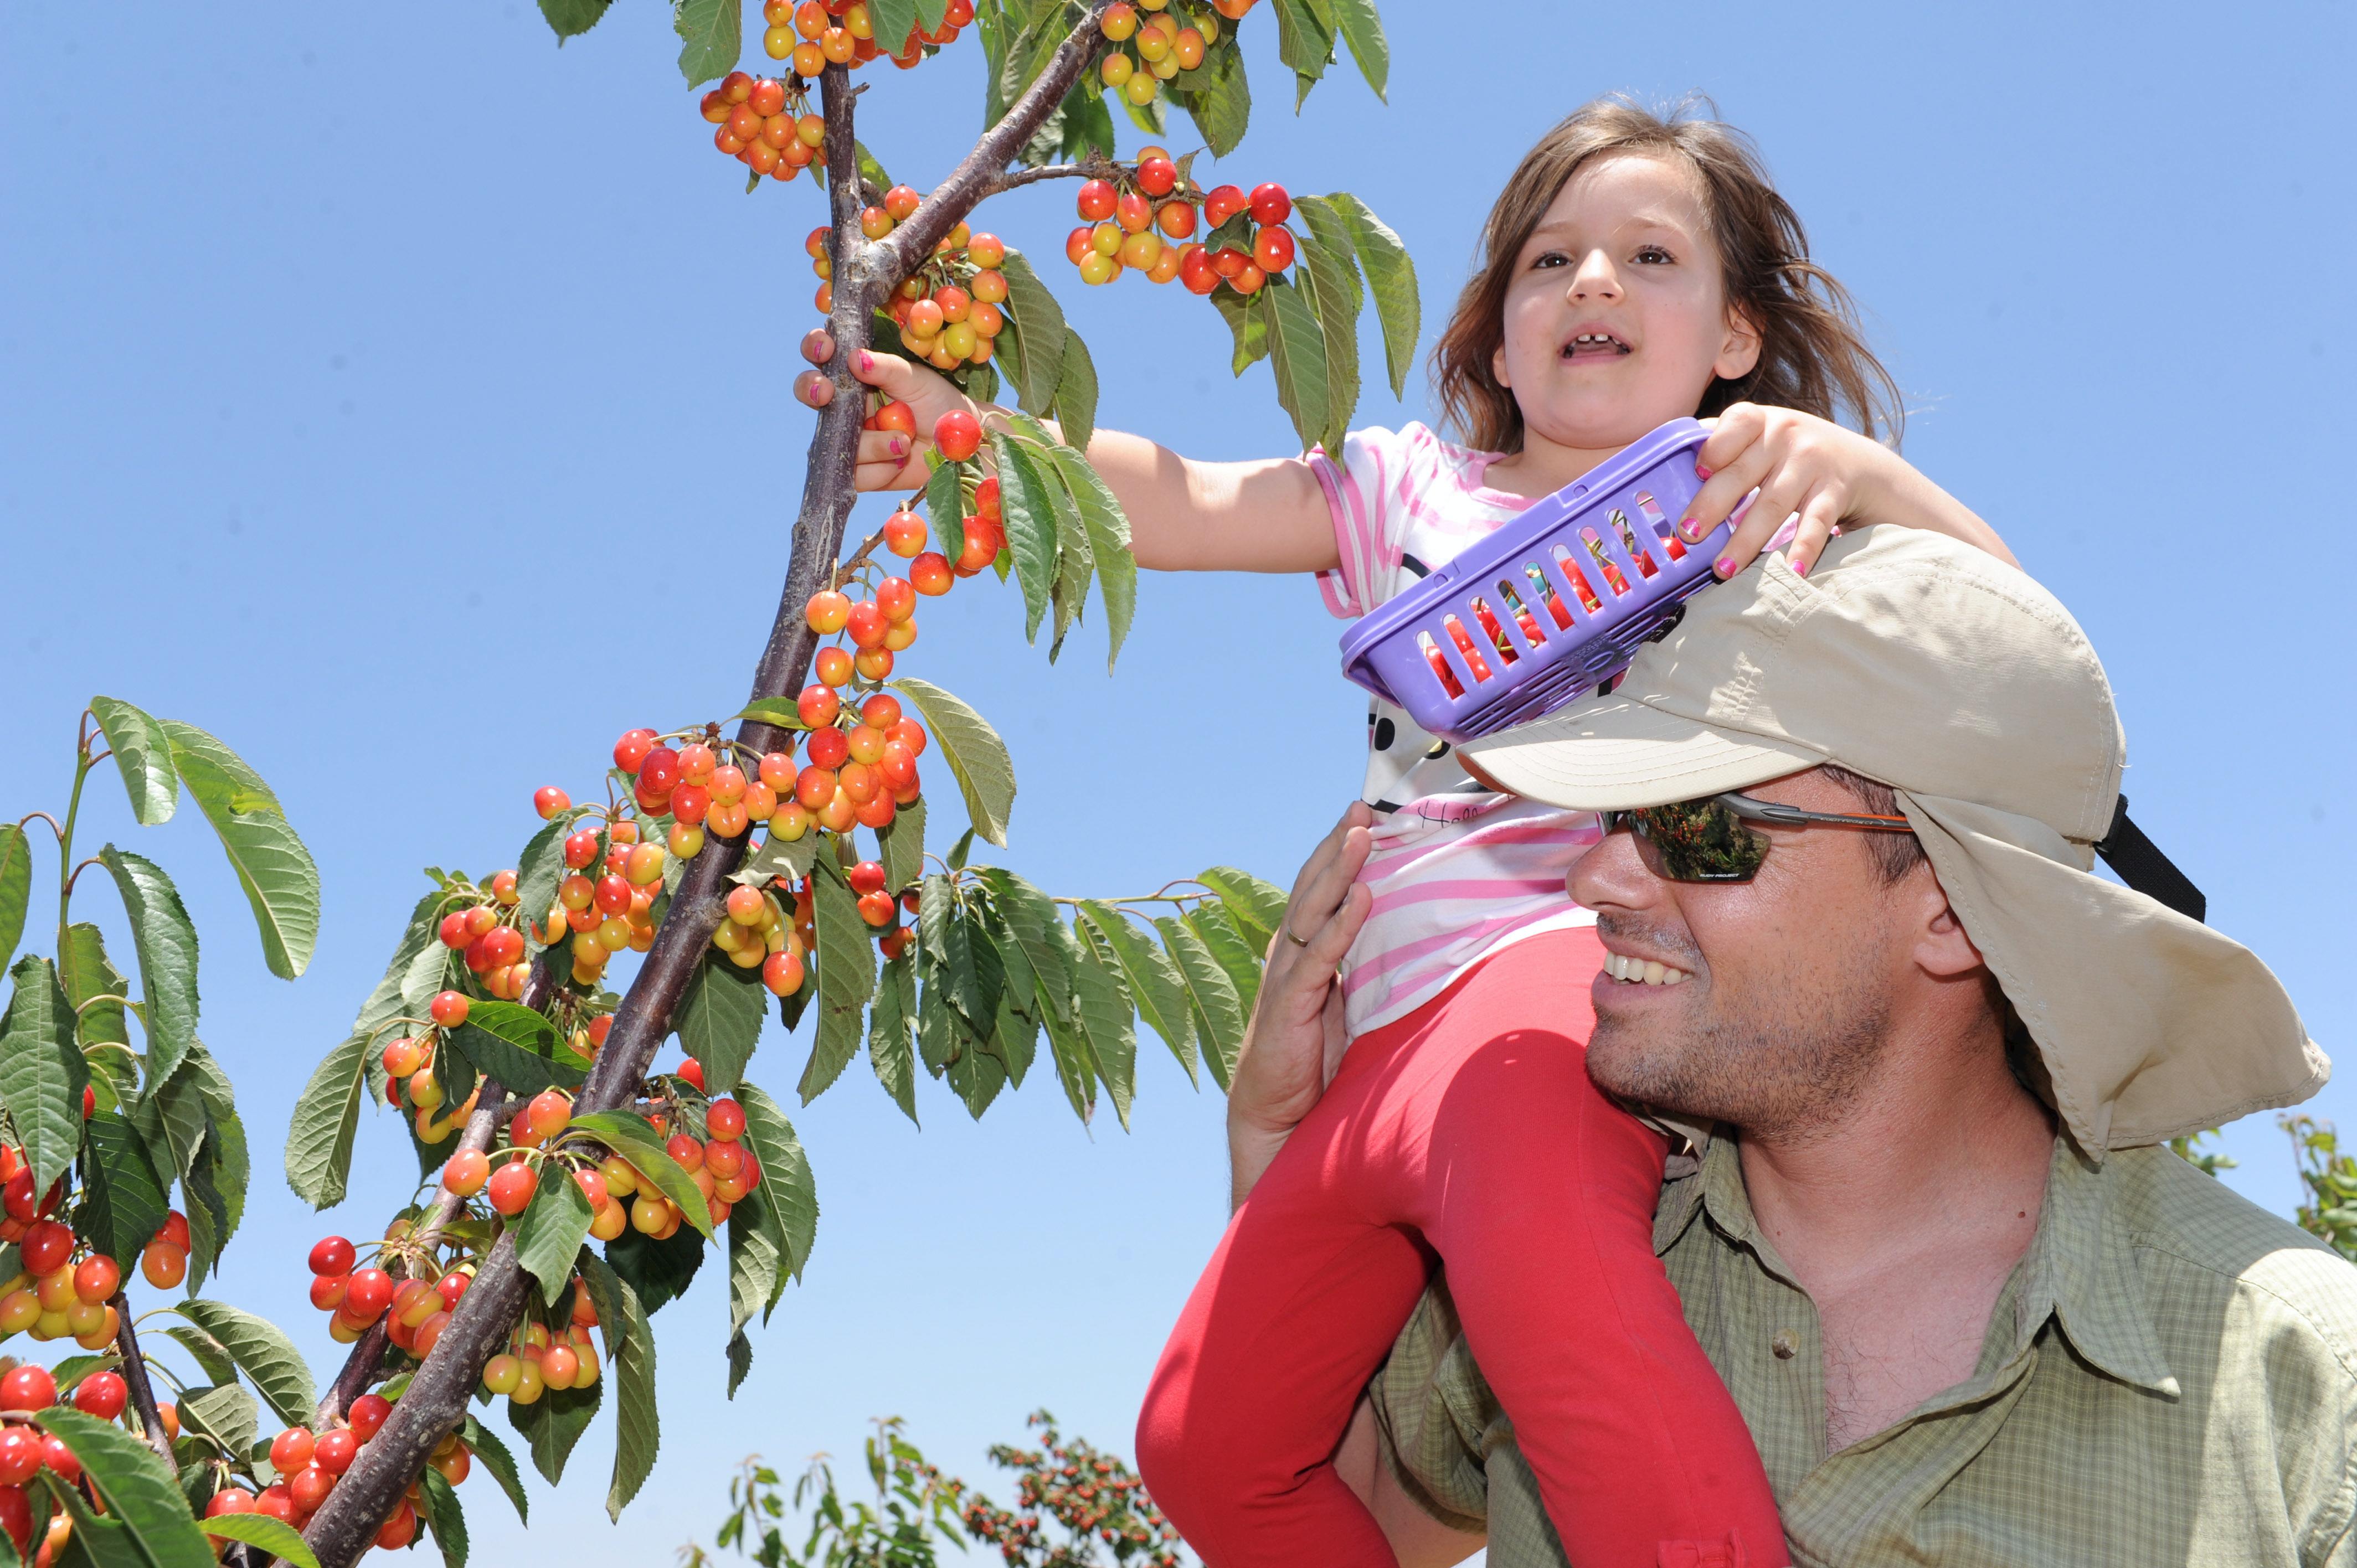 Сезон сбора ягод в Израиле открыт: что, где, когда и сколько это стоит. Все подробности